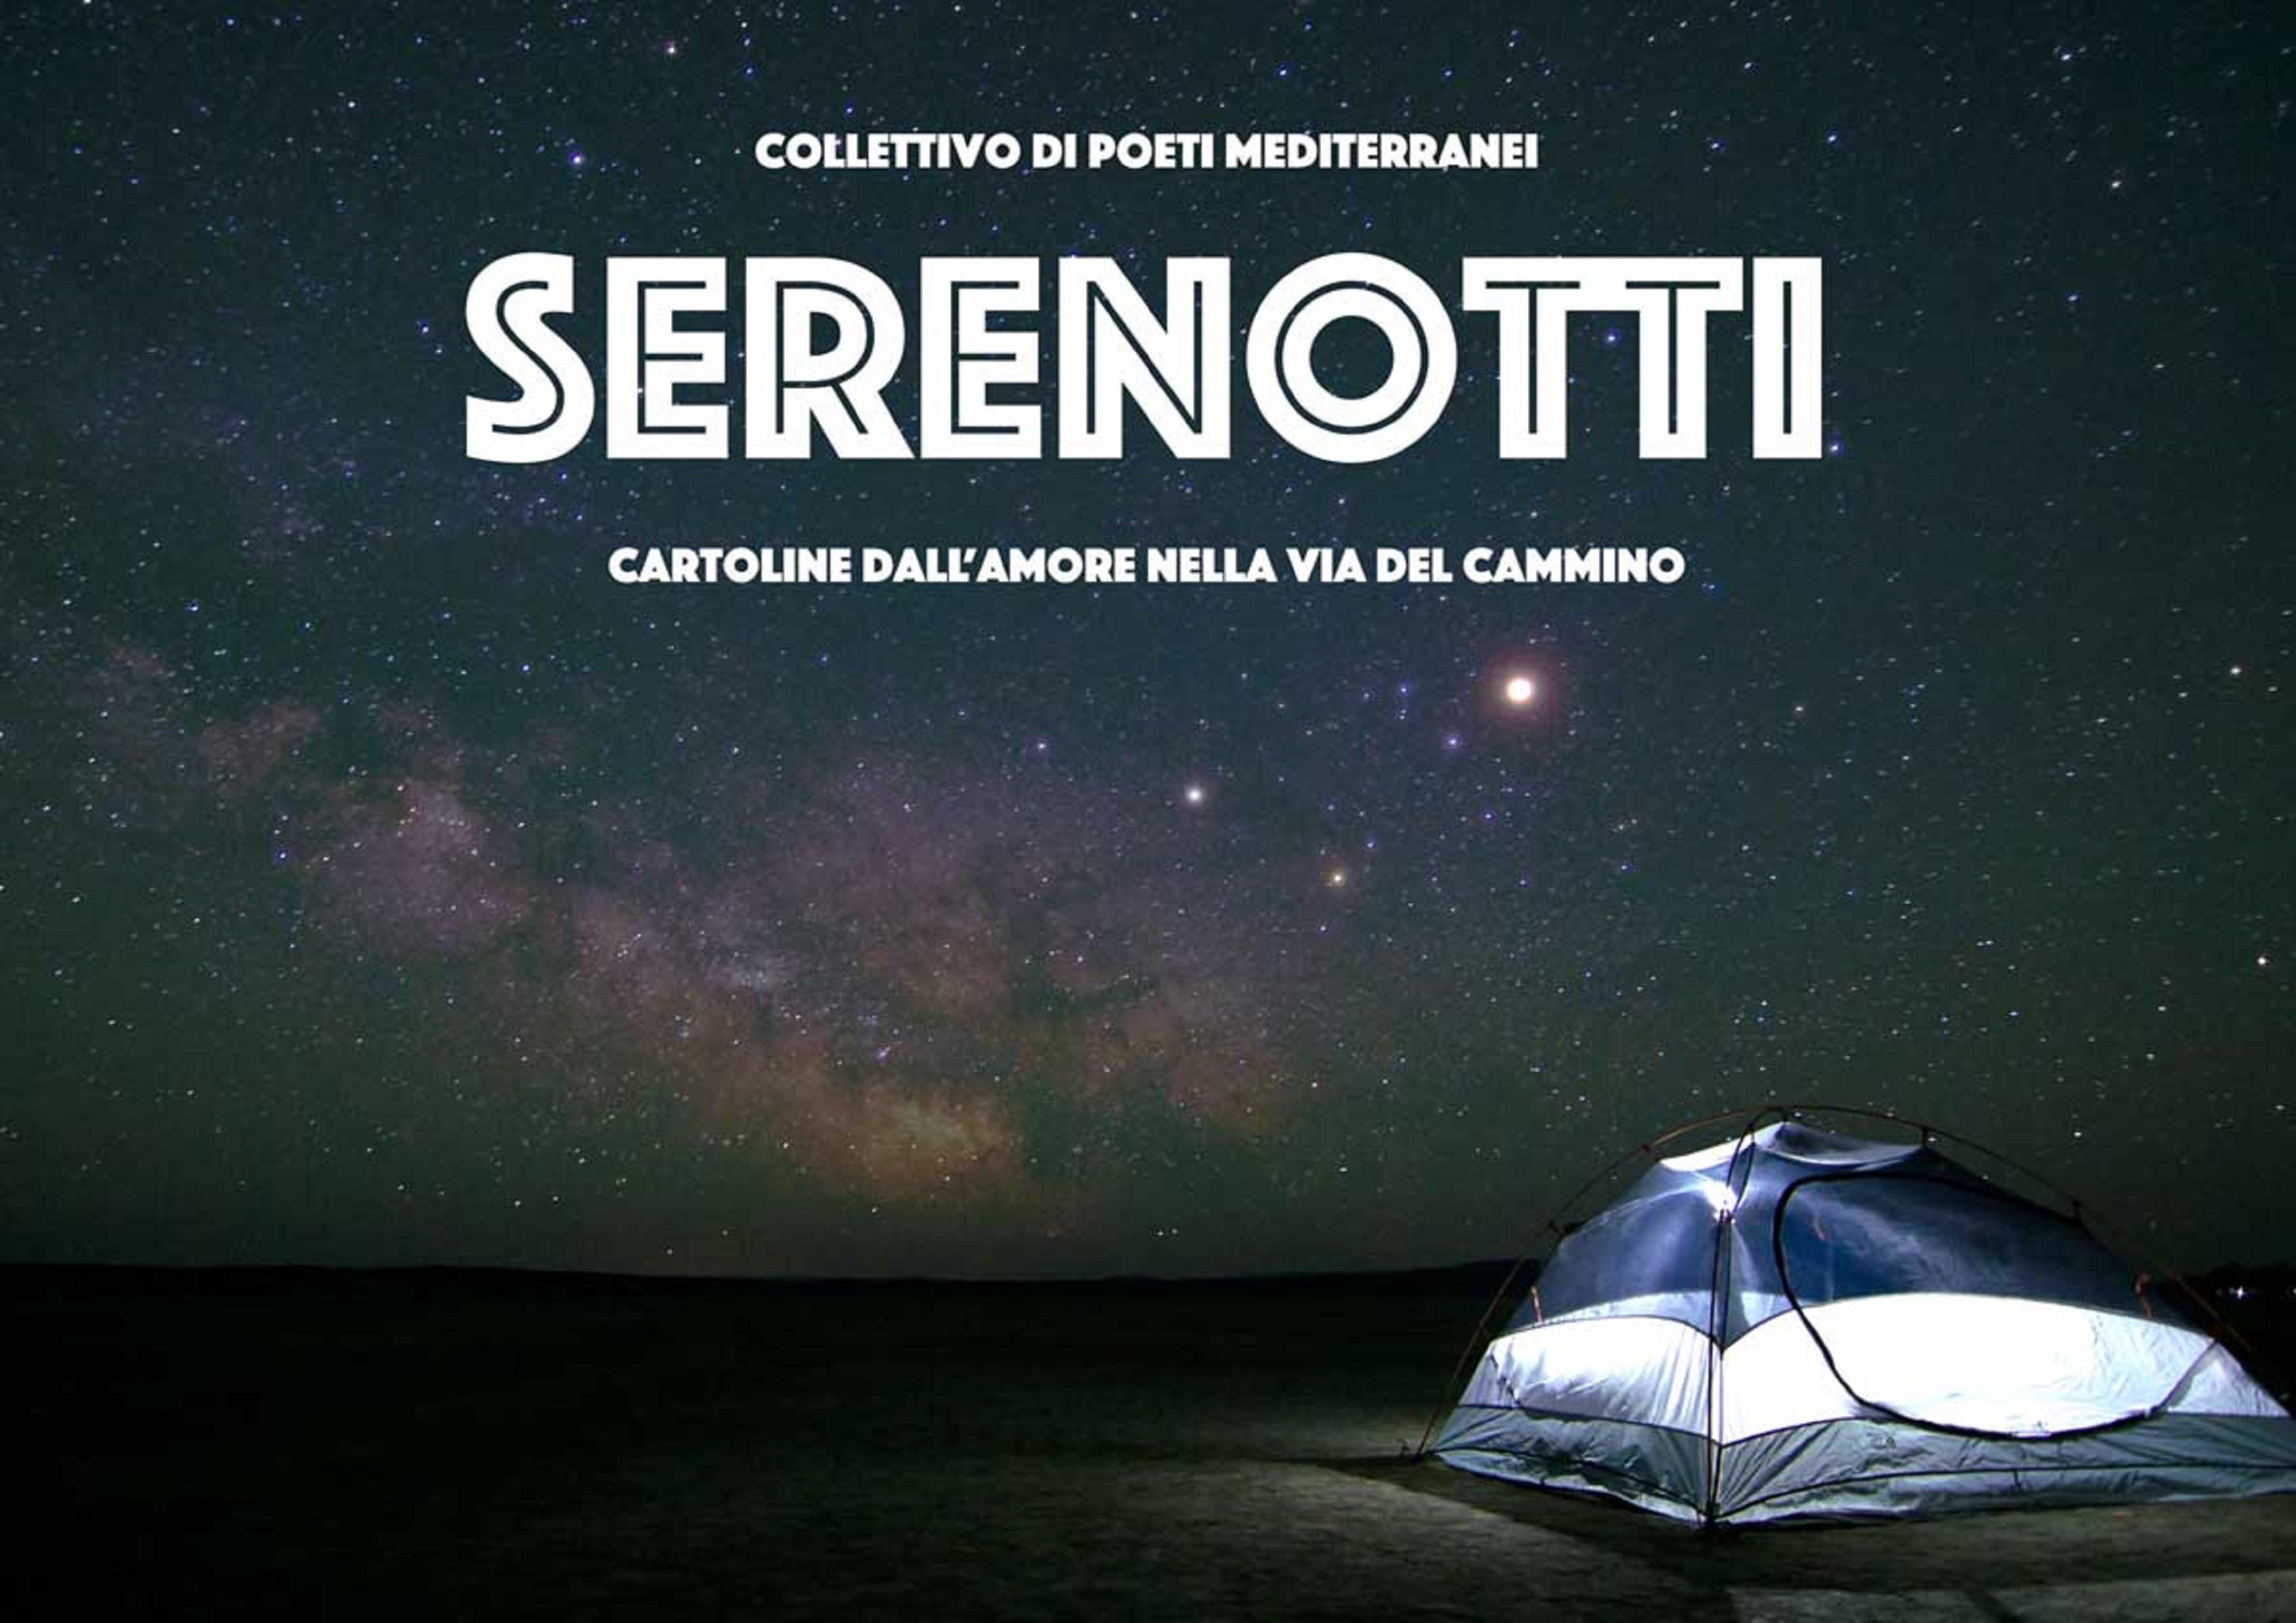 Serenotti